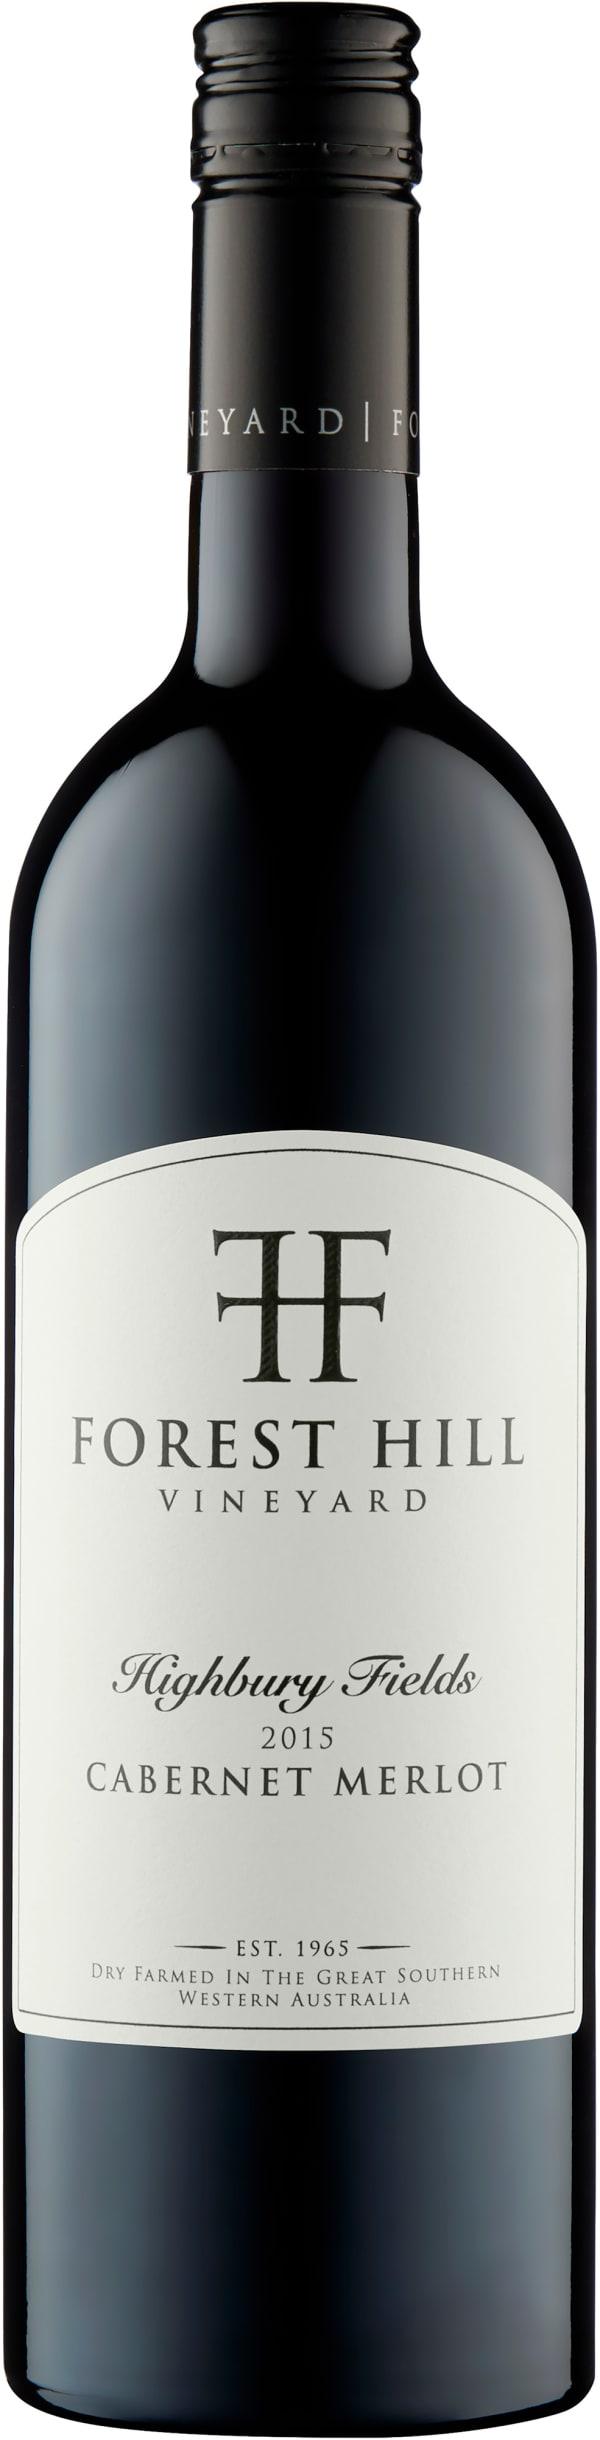 Forest Hill Highbury Fields Cabernet Merlot 2015